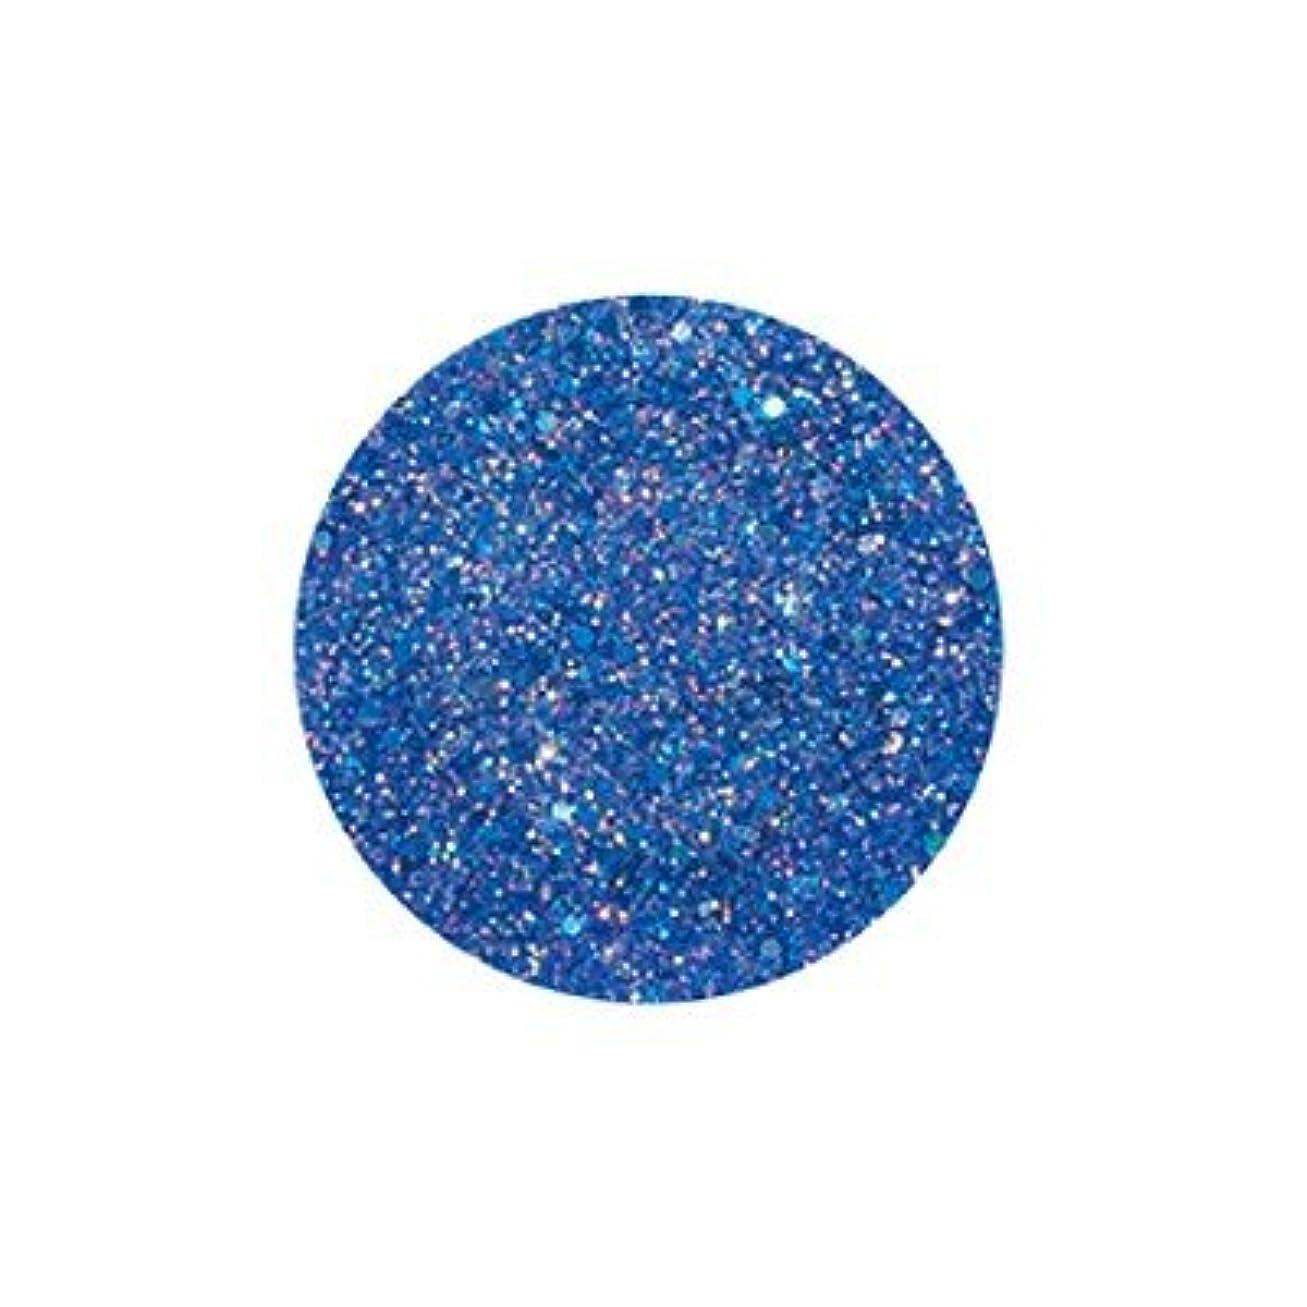 乳白田舎防止FANTASY NAIL ダイヤモンドコレクション 3g 4263XS カラーパウダー アート材